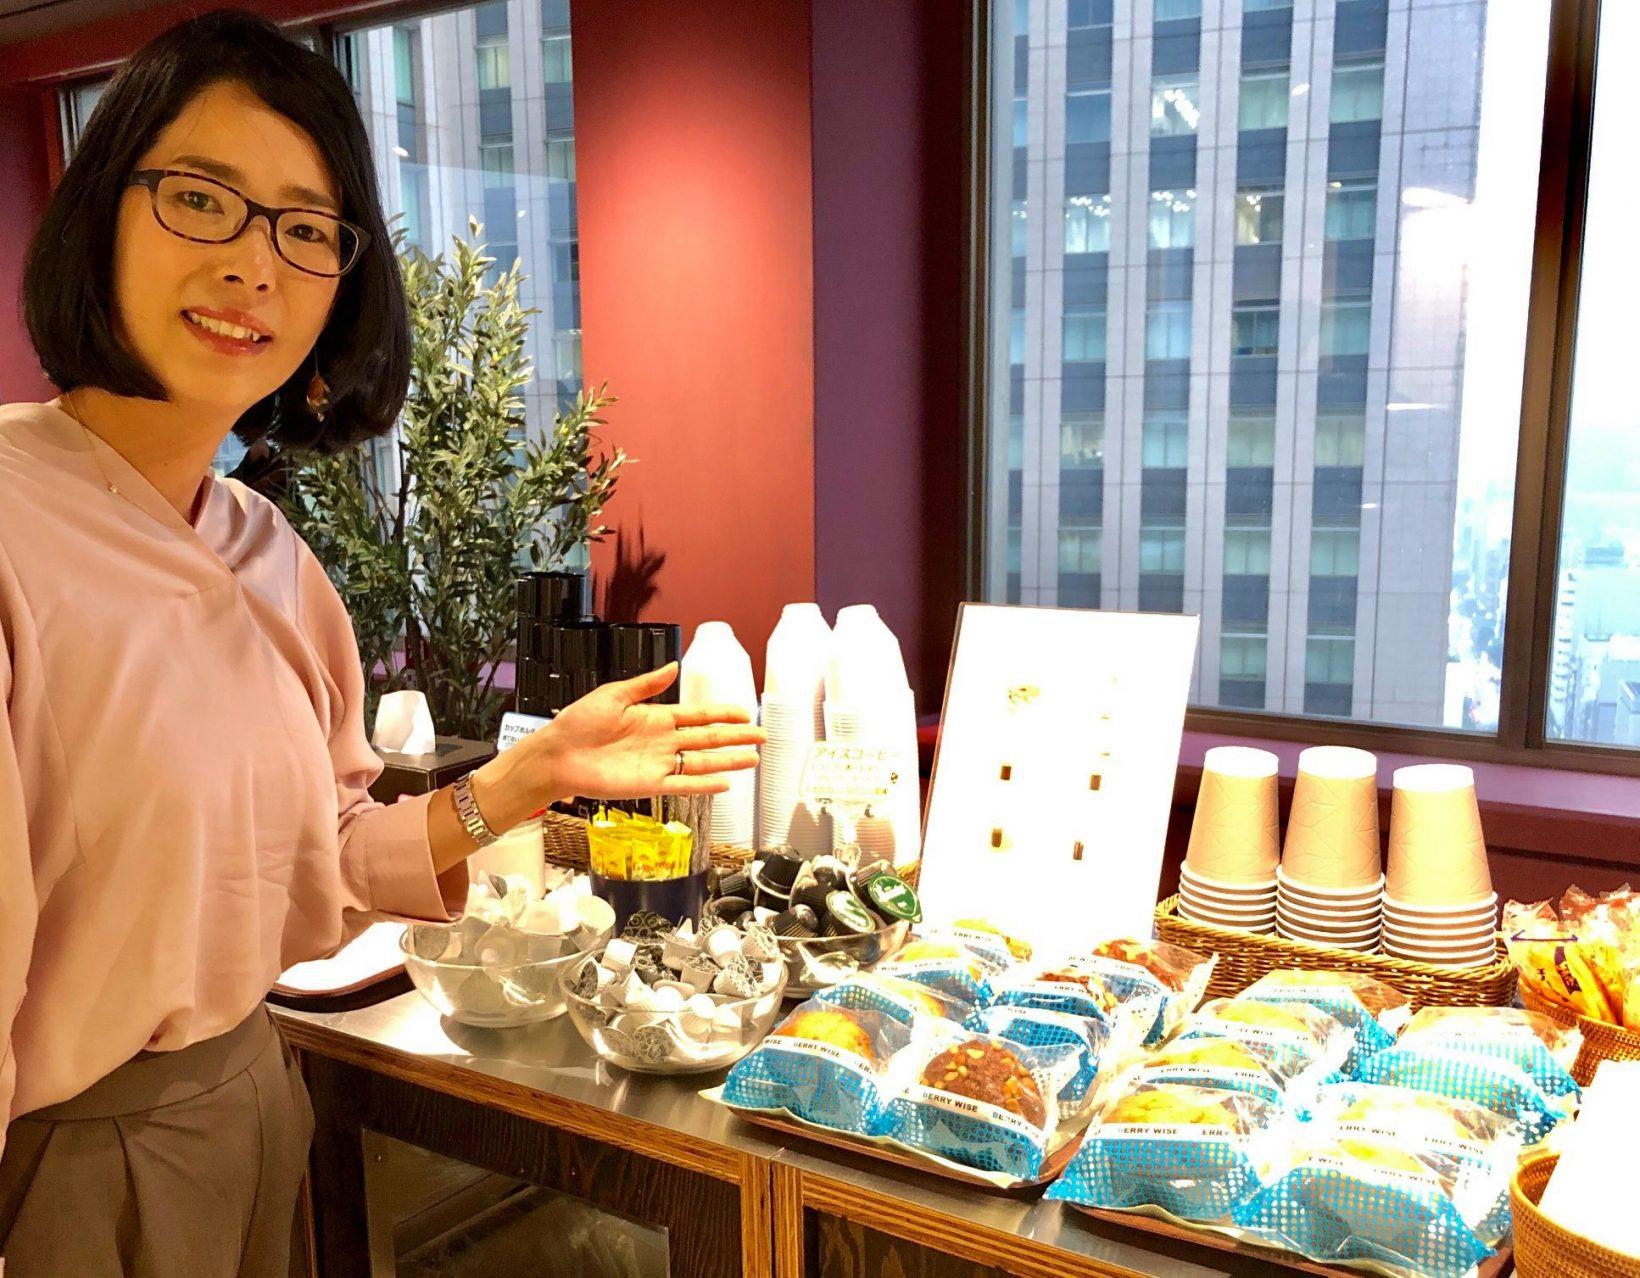 朝食キャンペーン開催! 7/12まで@霞が関/渋谷/新宿東口